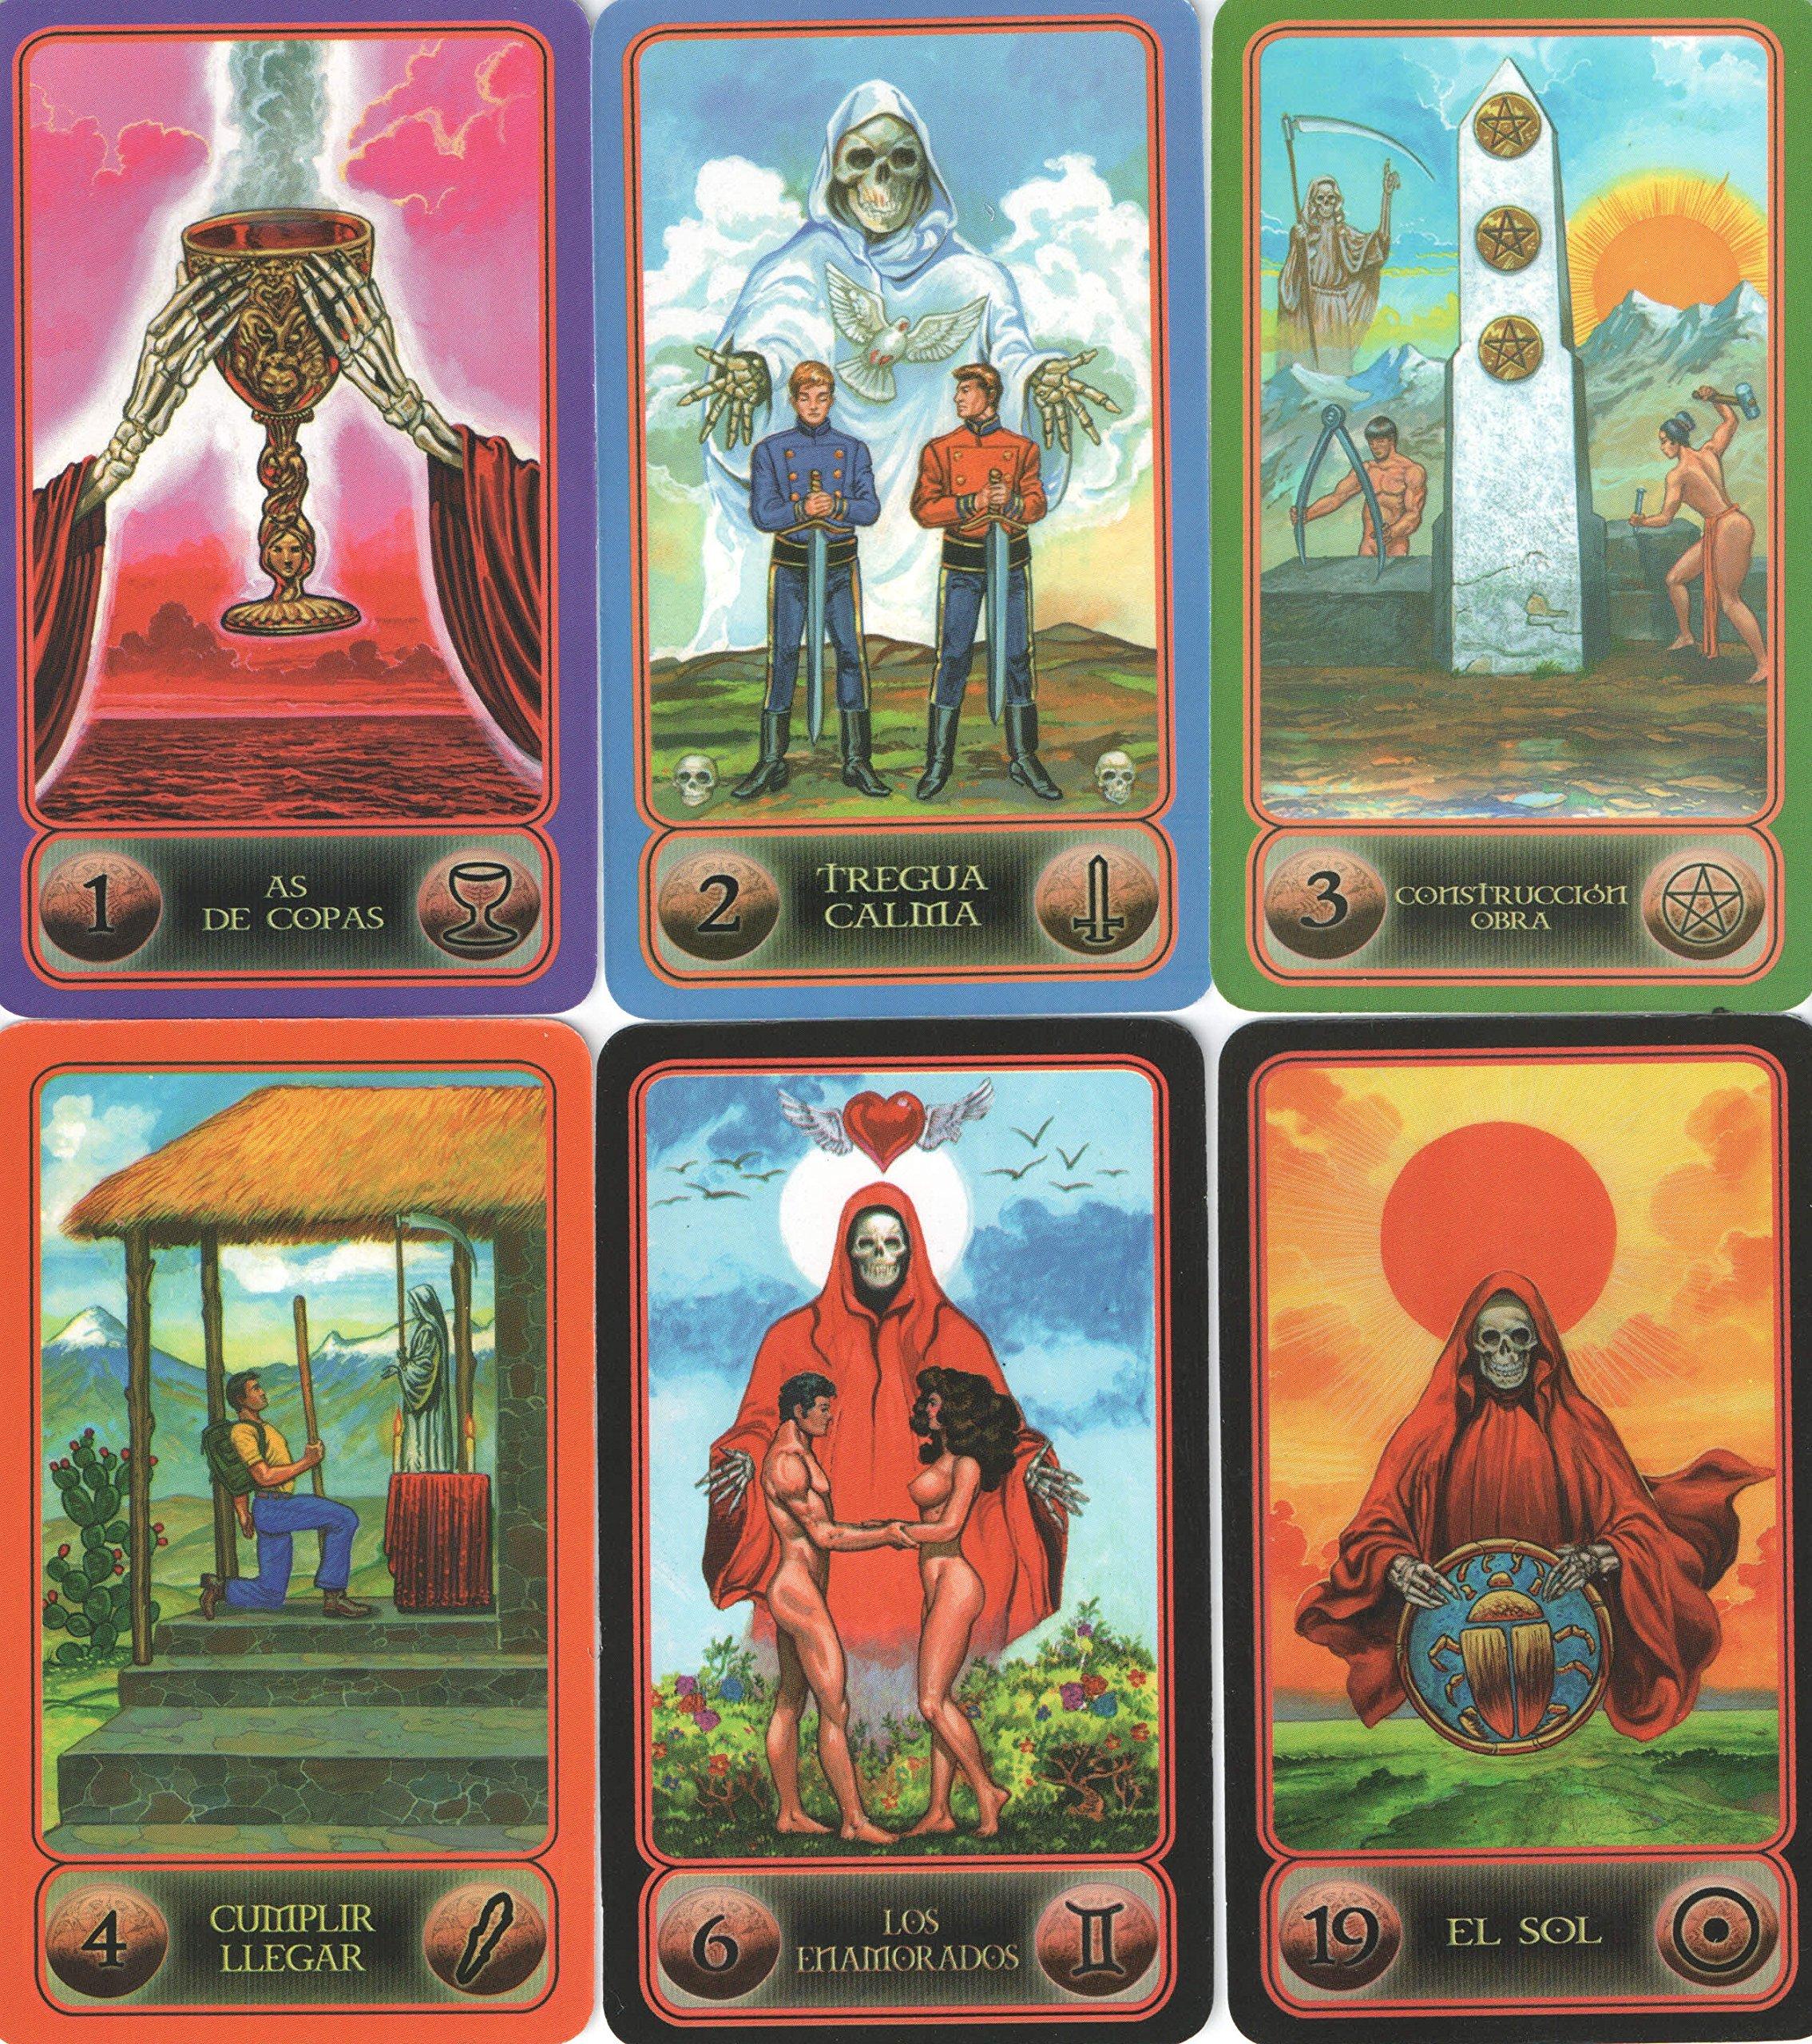 Amazon.com: Tarot de la Santa Muerte (Spanish Edition ...